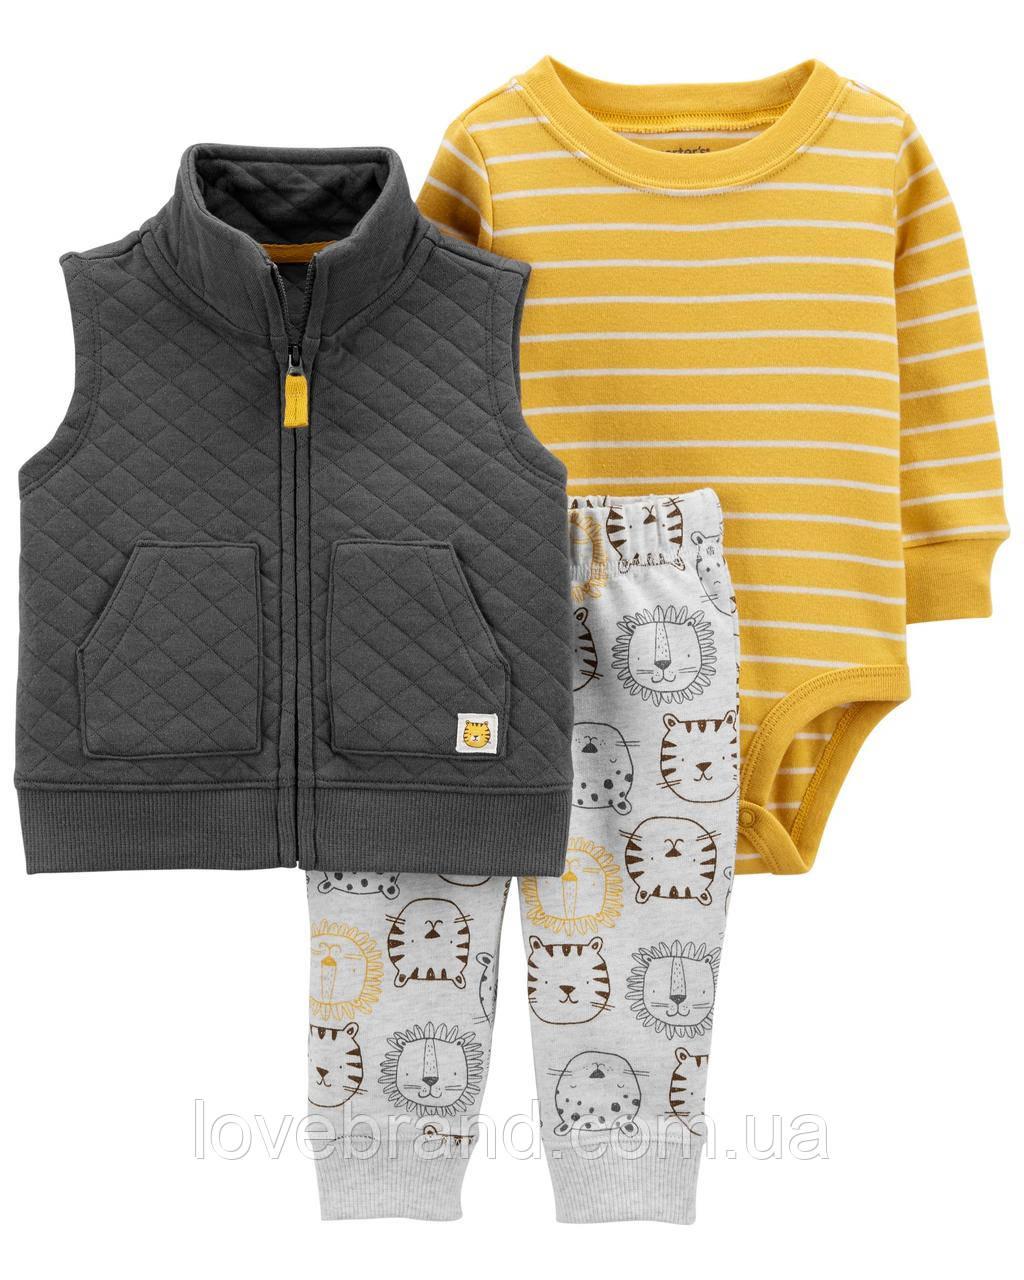 Комплект тройка для мальчика carters, жилетка + штаны + боди картерс - 9 мес/67-72 см